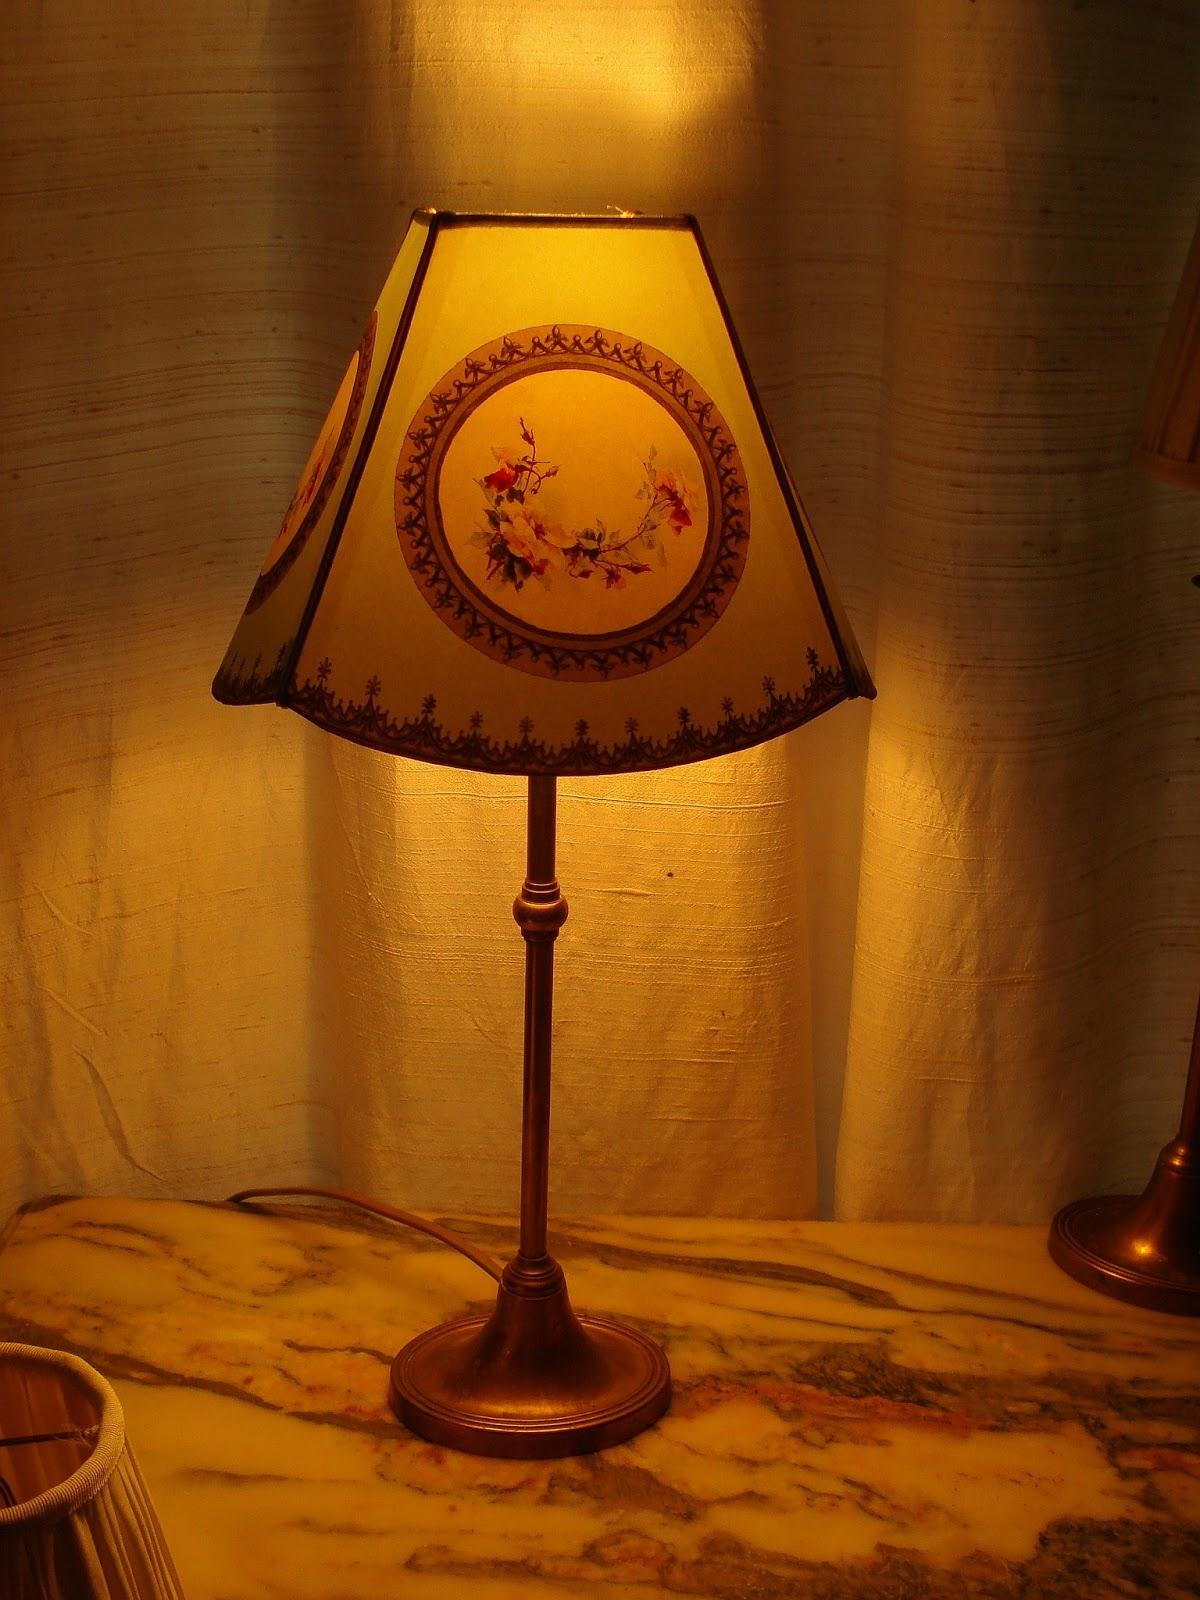 tourner autour d 39 un amour d 39 abat jour tillier un jour de pluie toying with a lovely tillier. Black Bedroom Furniture Sets. Home Design Ideas